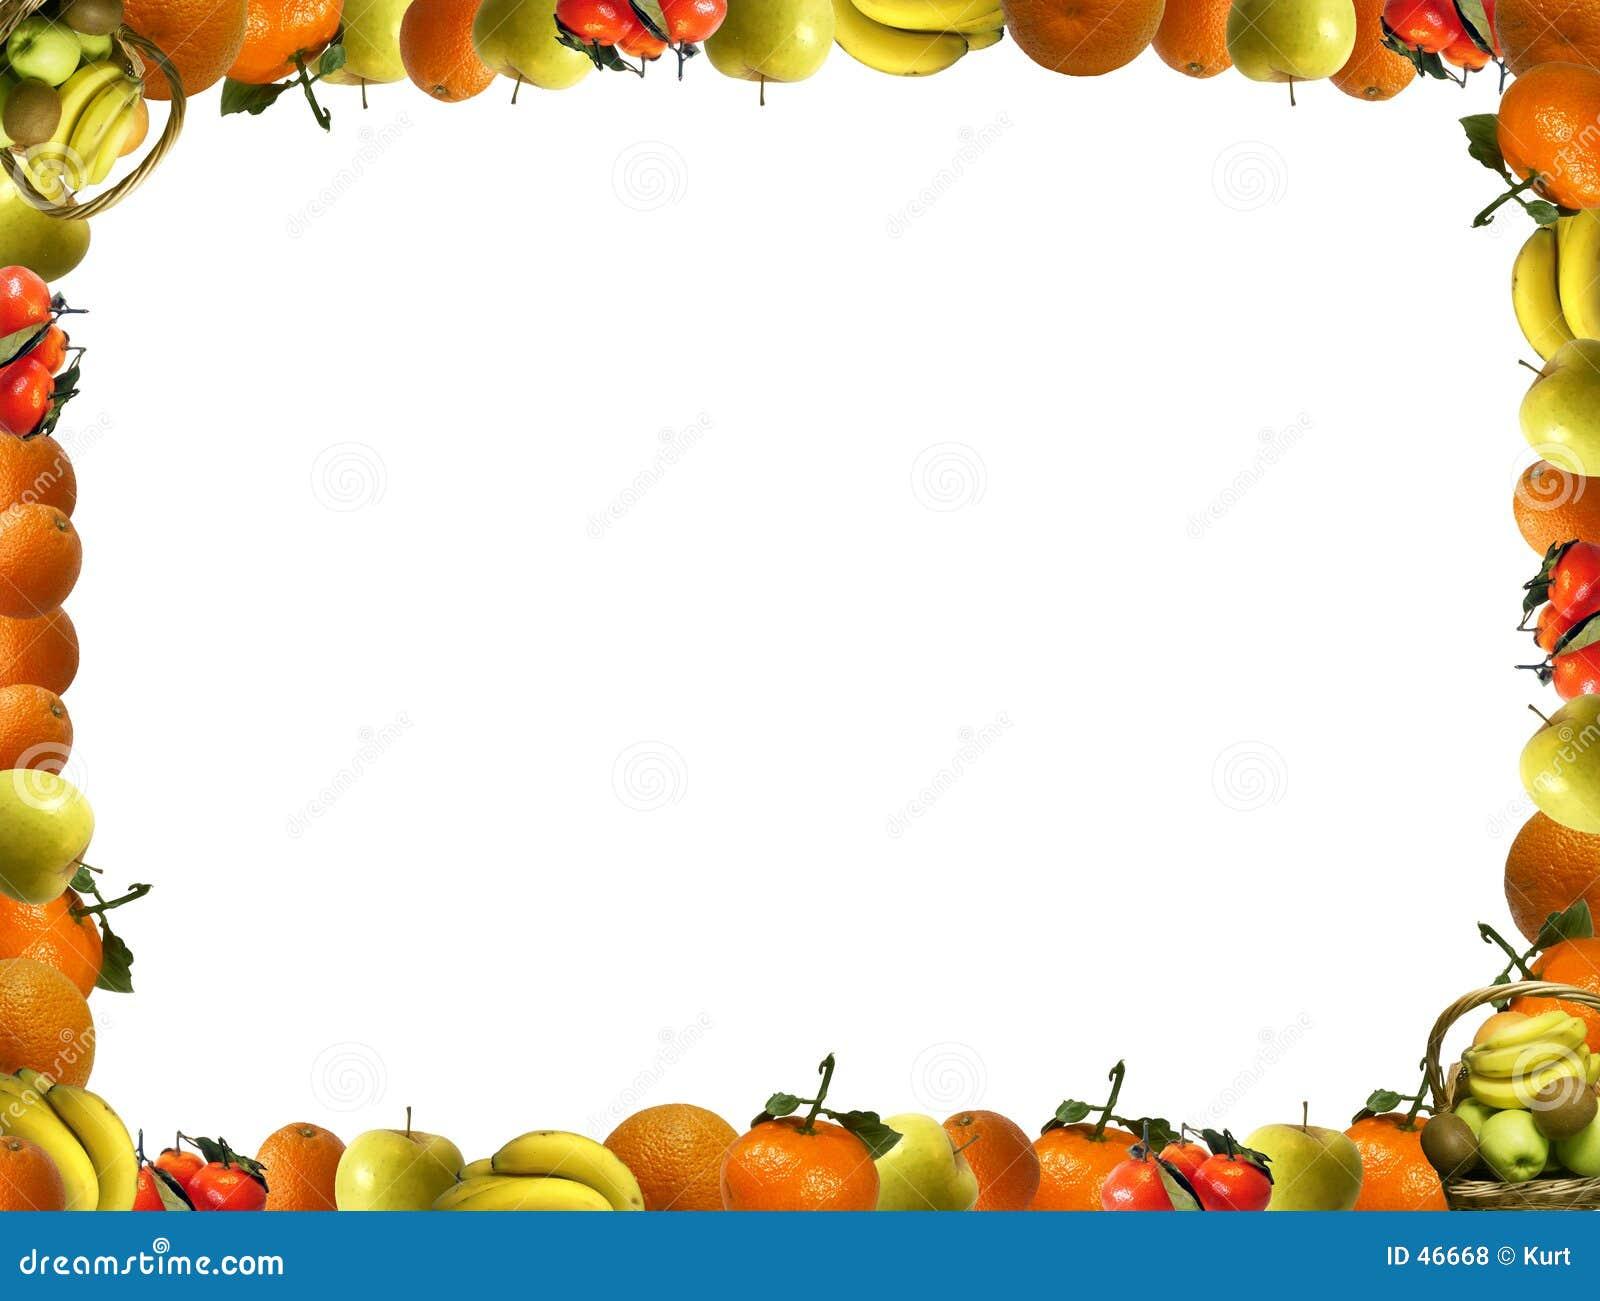 Składa się z ramową owoców